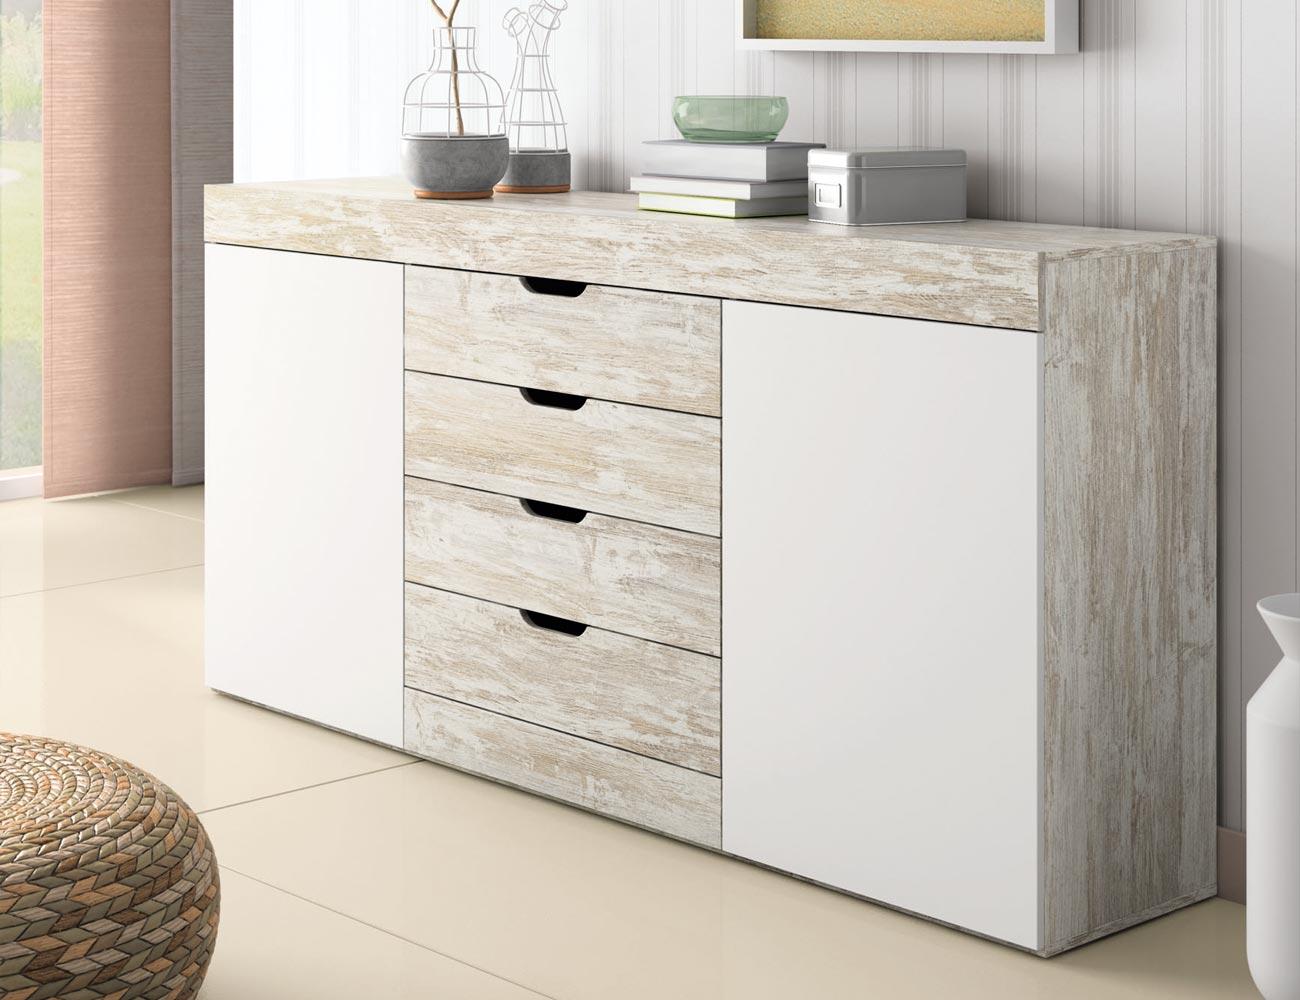 Mueble de sal n estilo moderno en vintage con blanco - Muebles vintage modernos ...